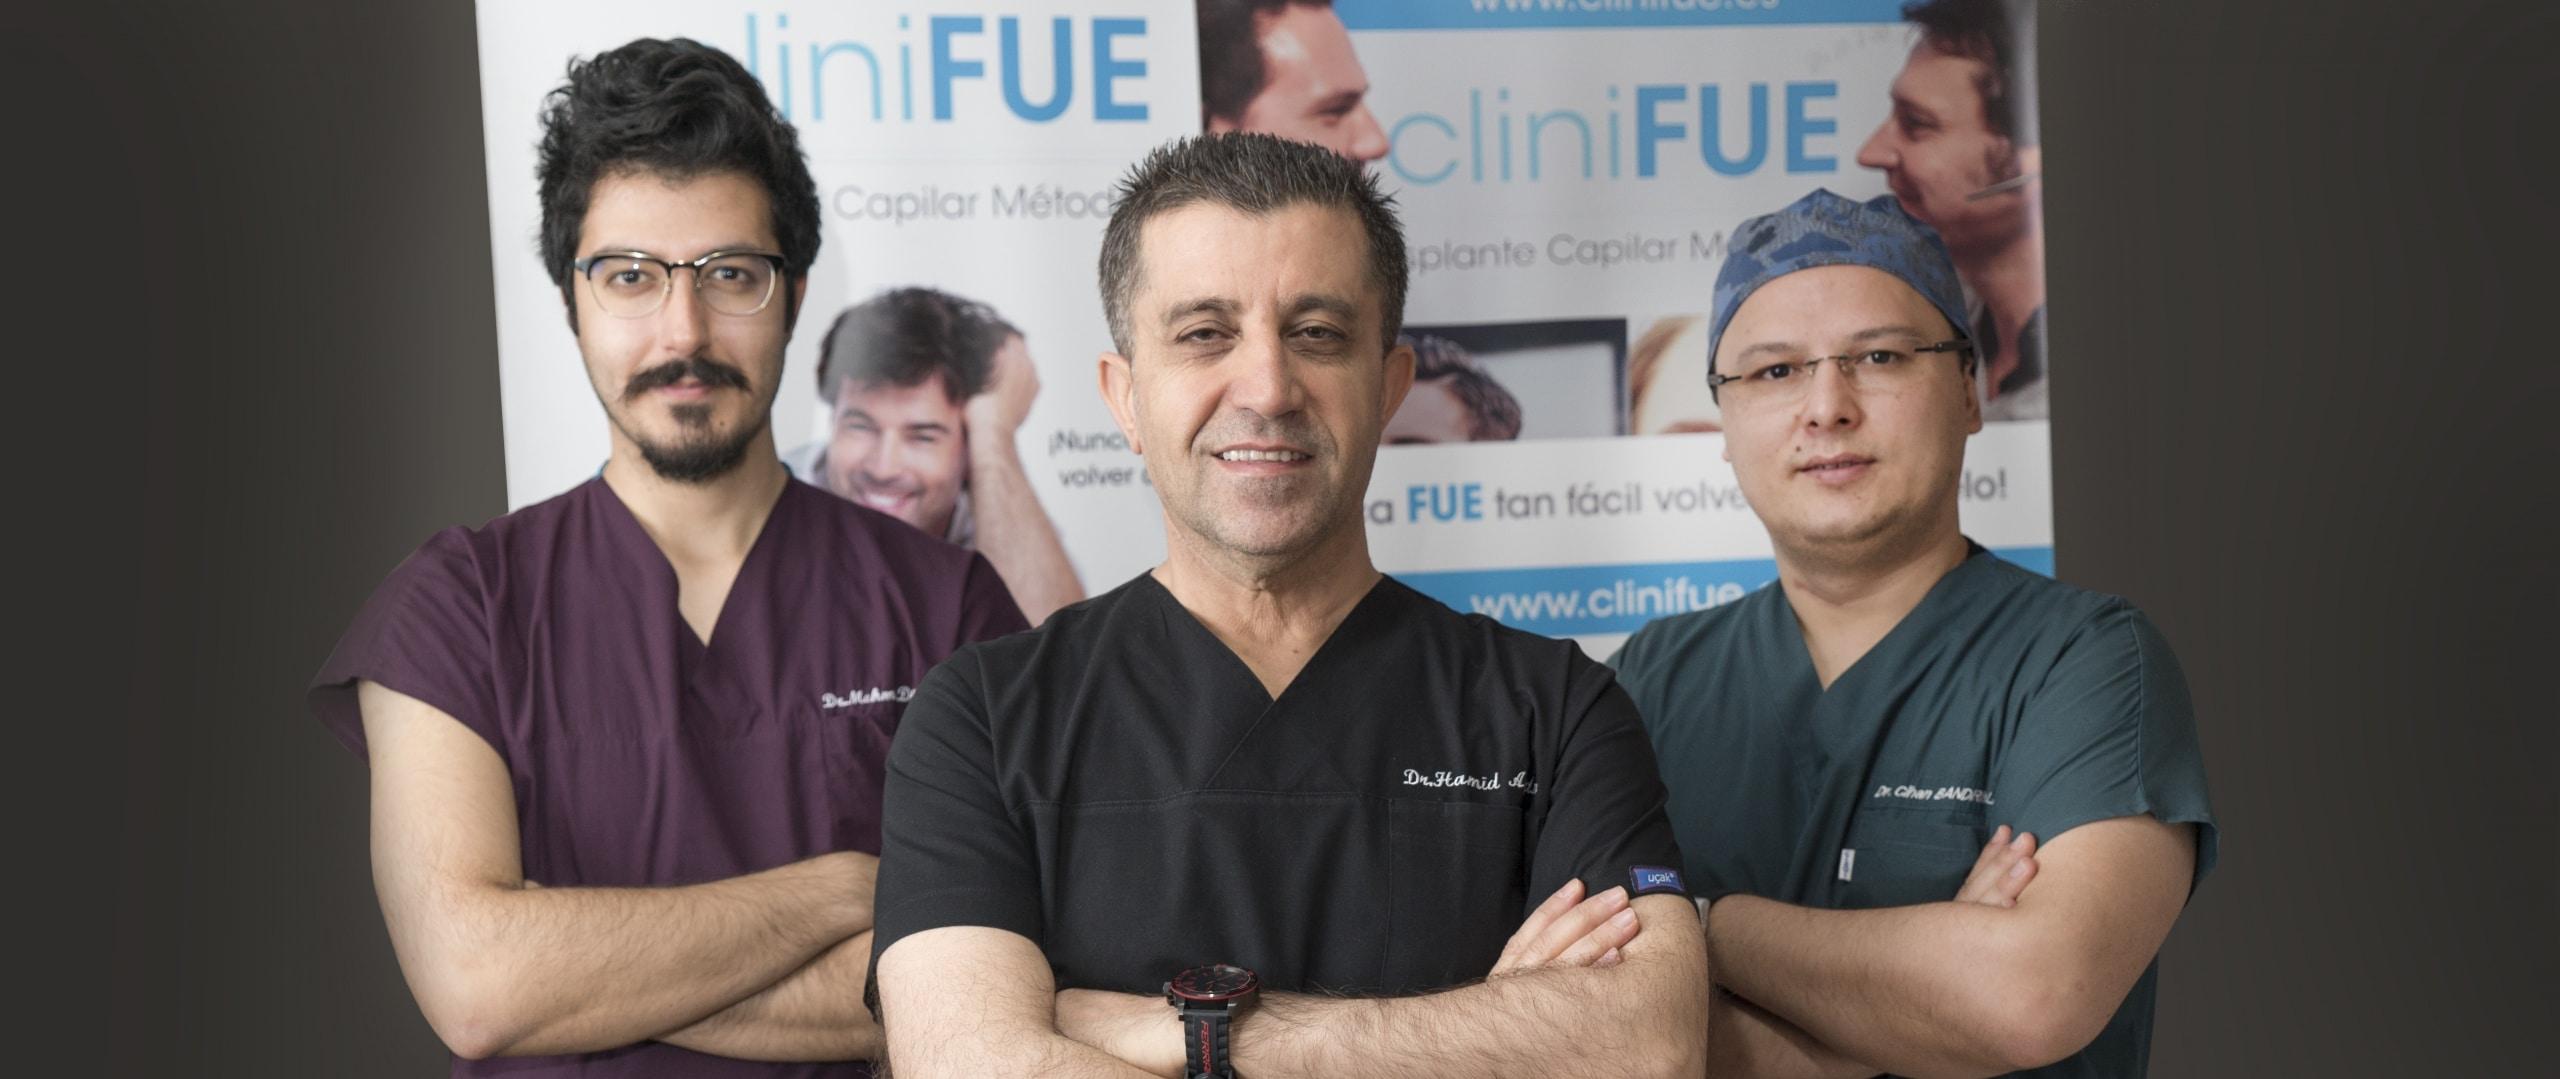 Los médicos de cliniFUE